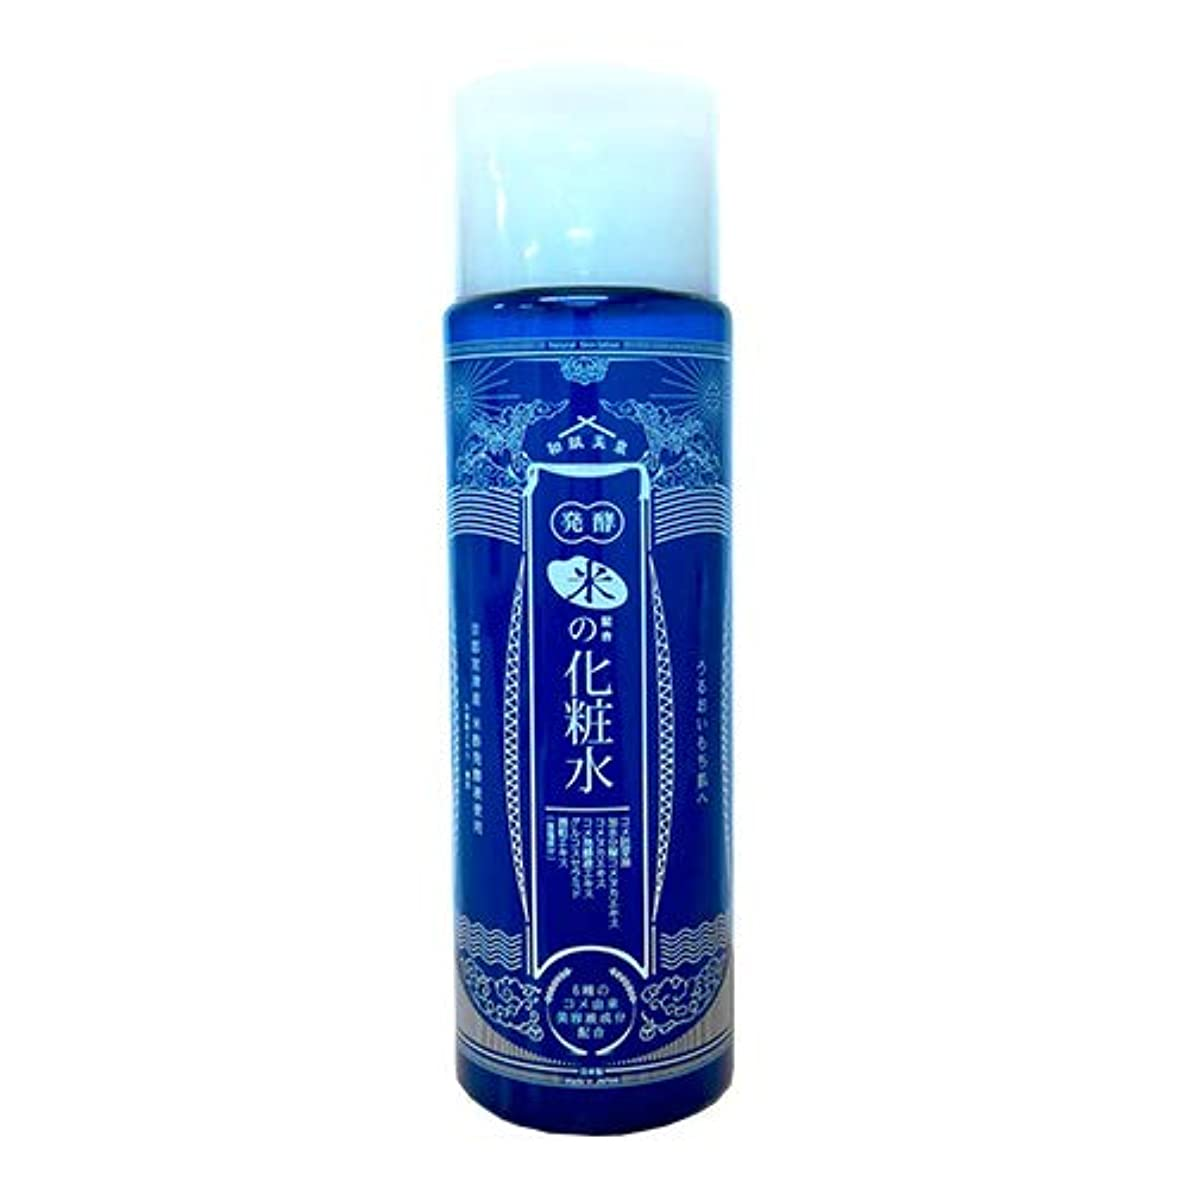 織機知覚的補償和肌美泉 発酵•米配合の化粧水 180ml